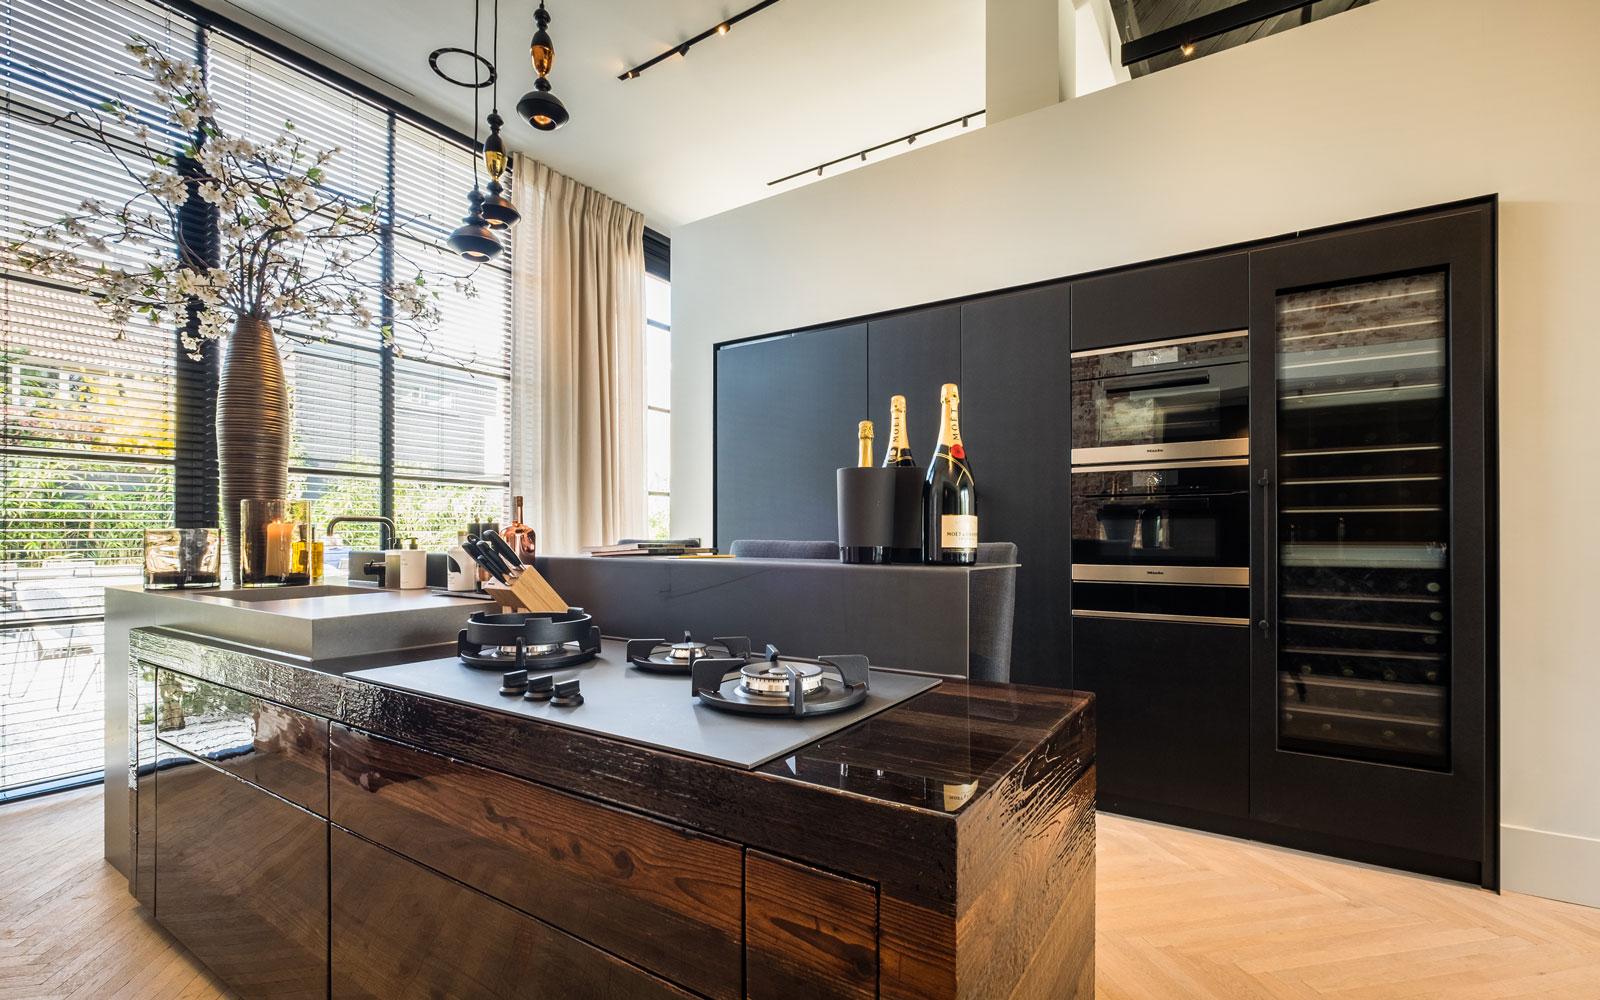 Keuken, maatwerk door Nijboer en Van der Windt. metalen ronde lampen door Innocoating, raambekleding, shutters, Indivipro, showroom, architectenbureau Kabaz